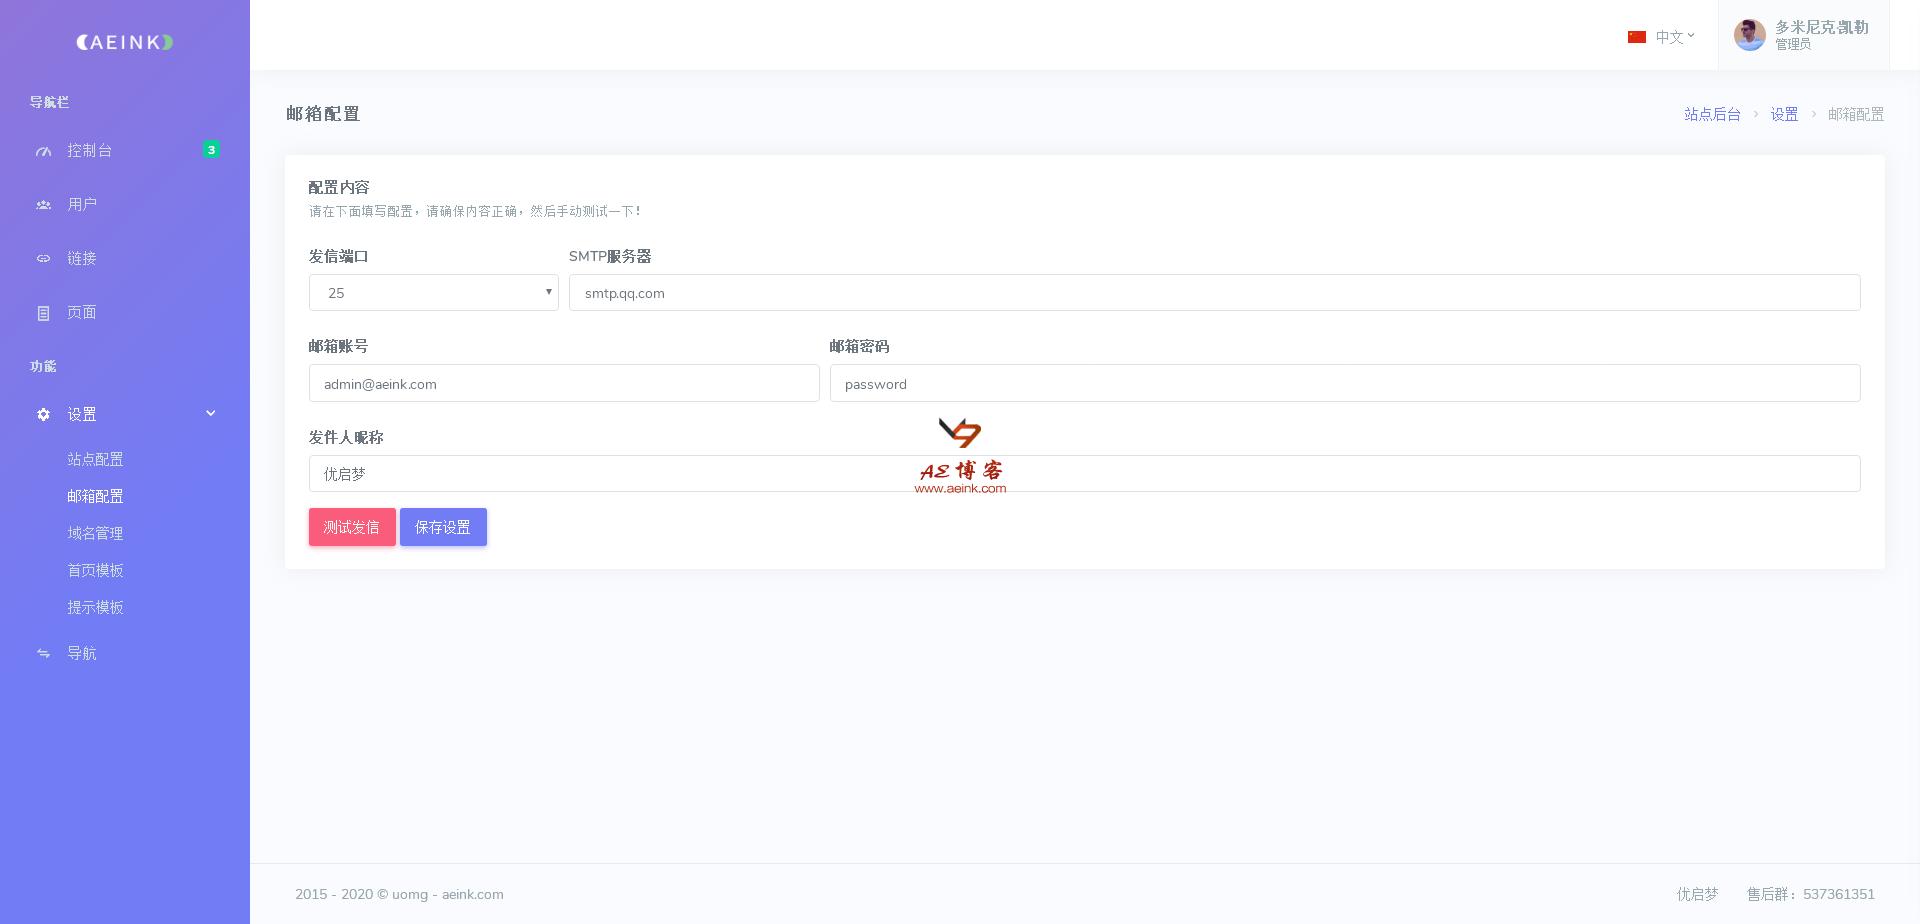 邮箱配置 - 优启梦定制平台.png